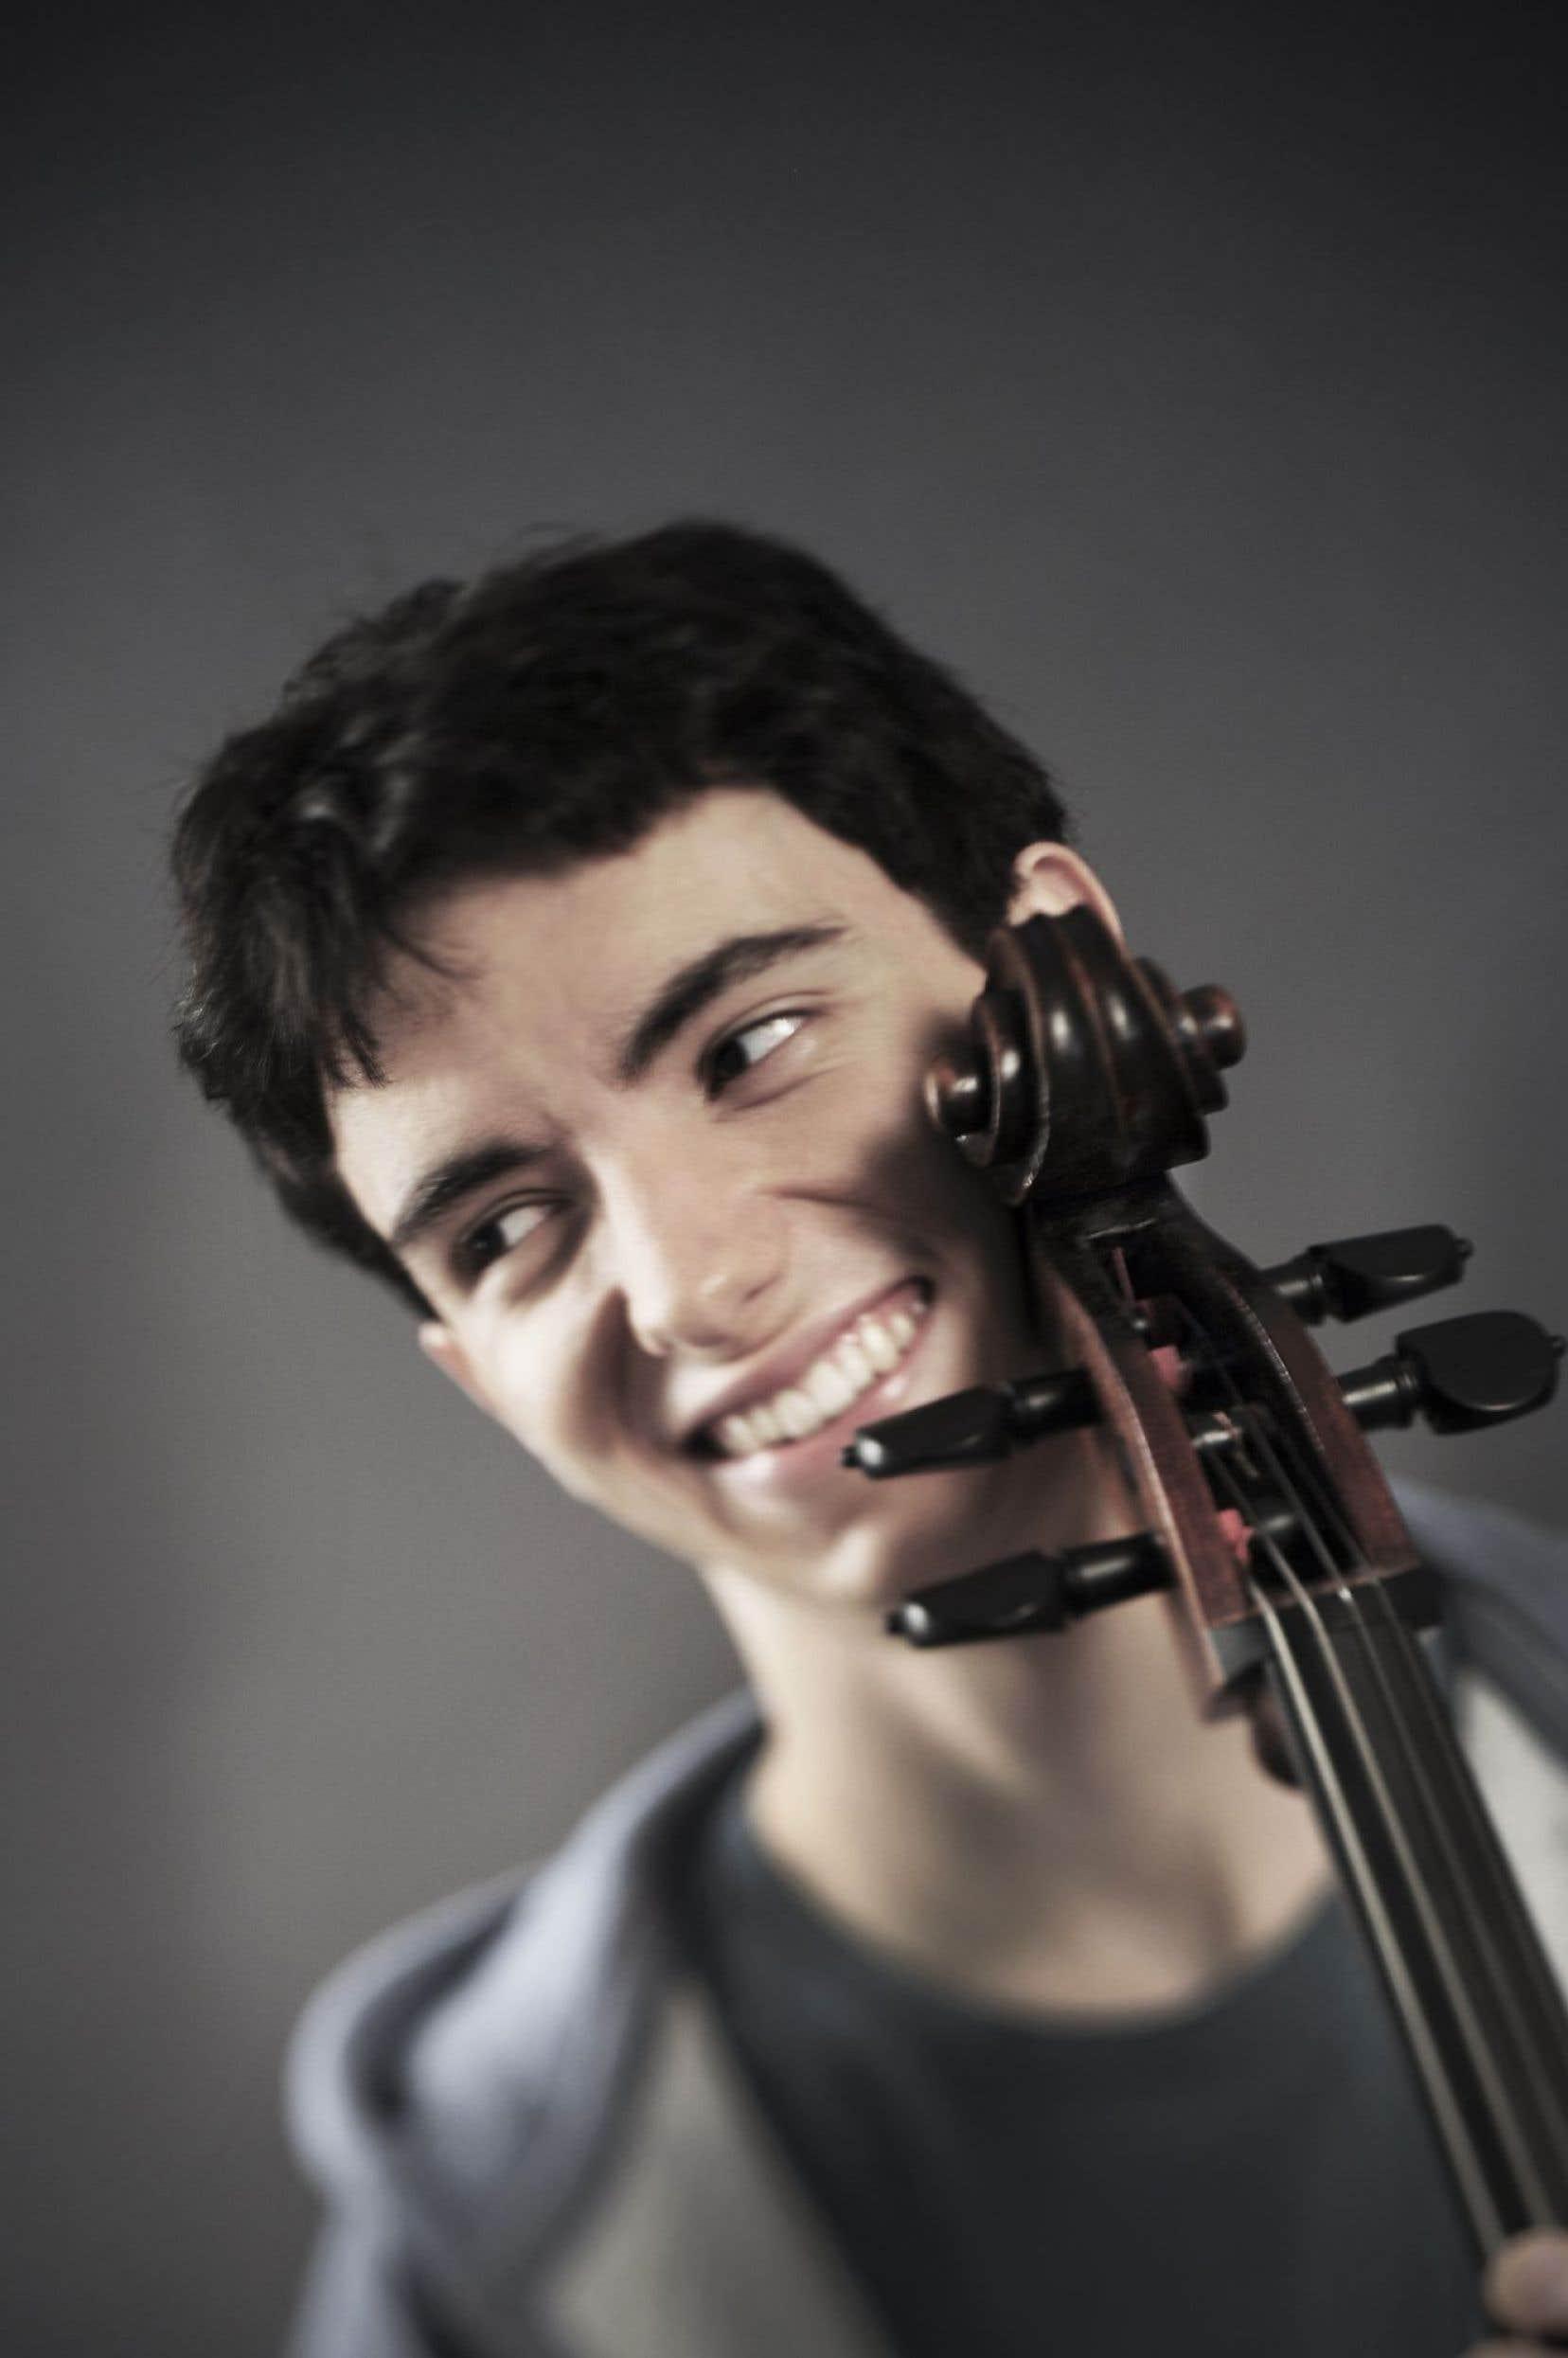 Le violoncelliste québécois Stéphane Tétreaultsemble entrer dans une nouvelle maturité musicale.